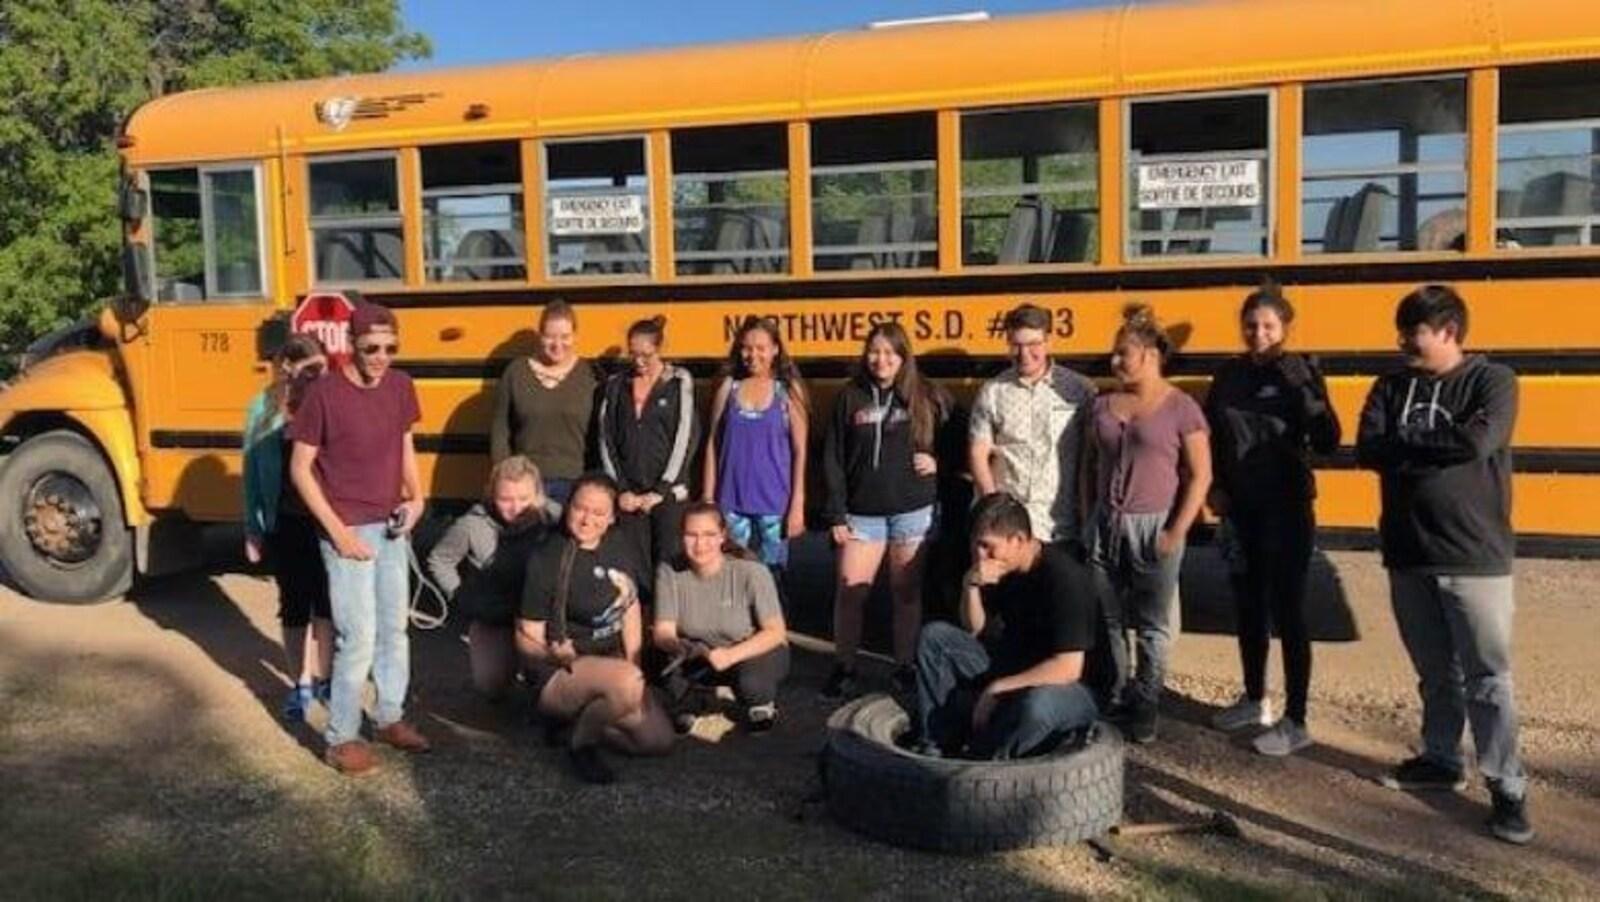 Les élèves, dans l'adolescence, posent pour une photo près de l'autobus en panne.